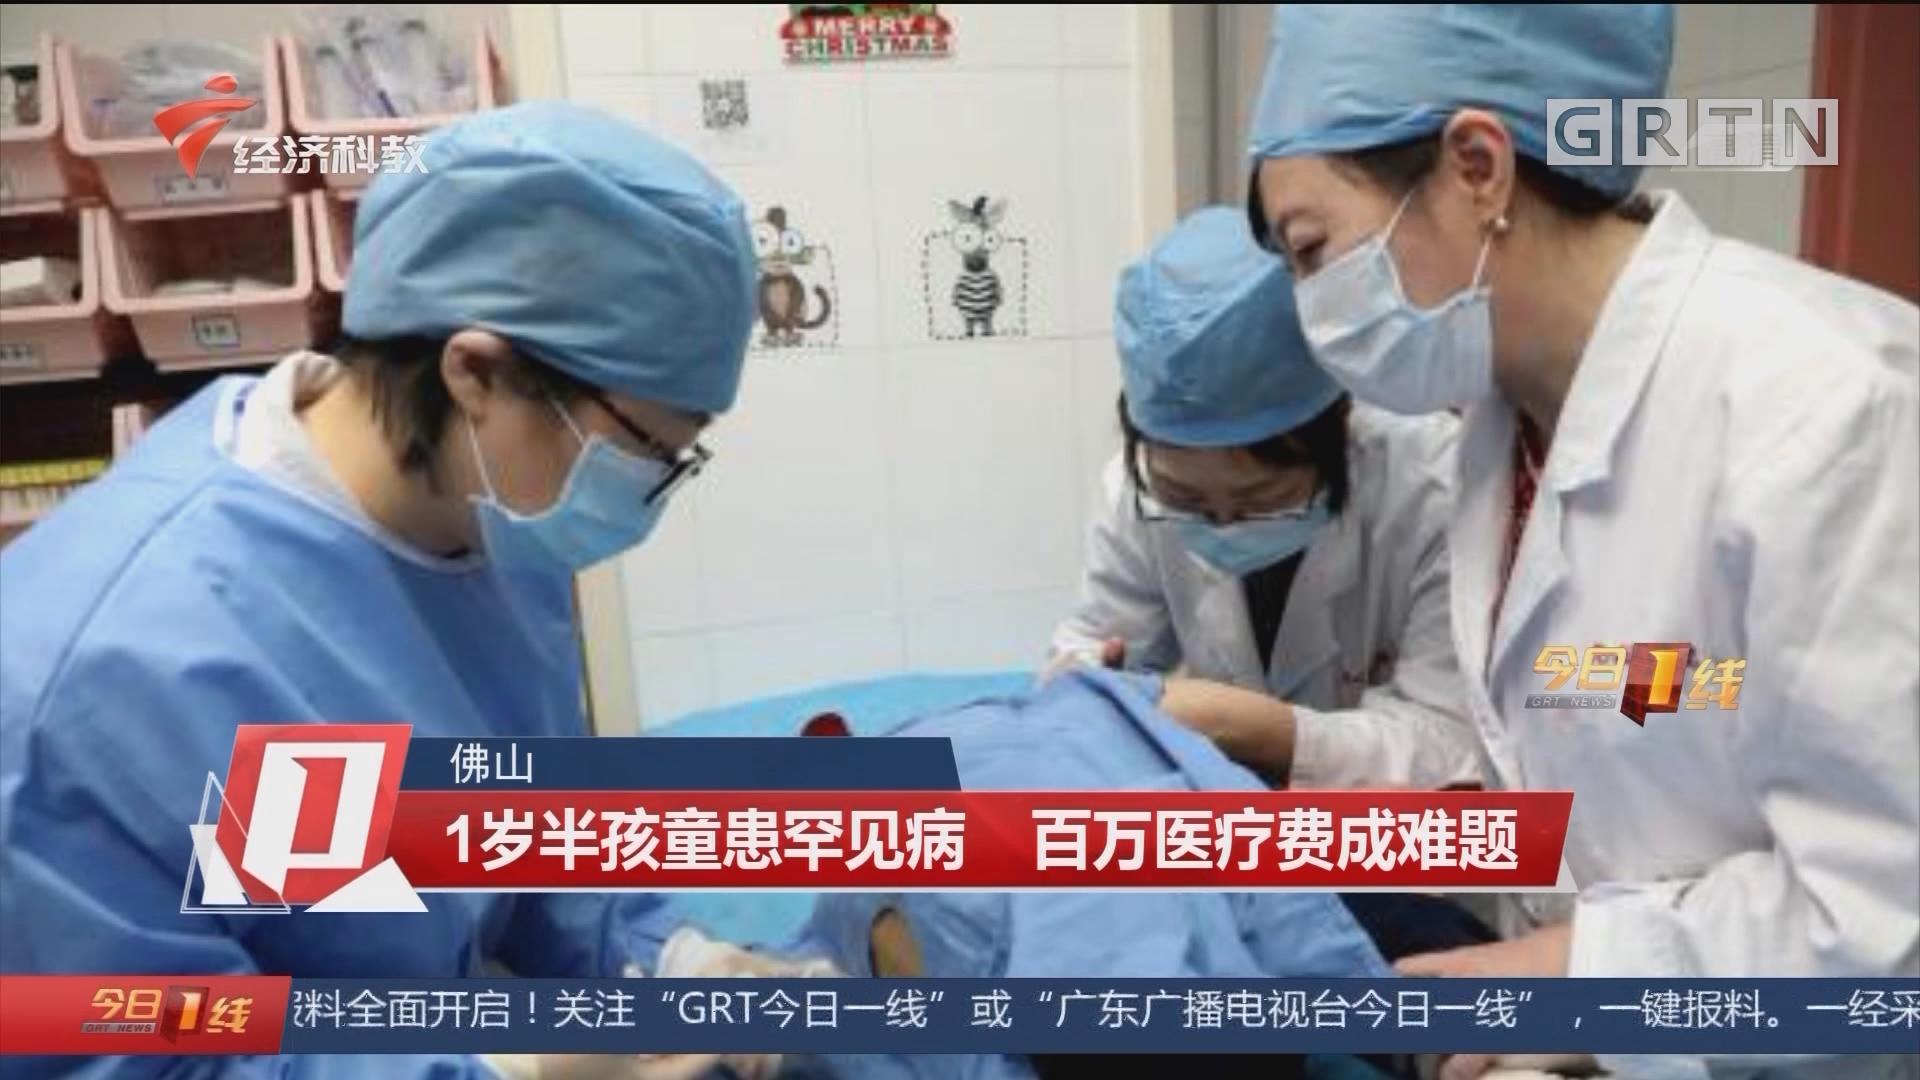 佛山:1岁半孩童患罕见病 百万医疗费成难题